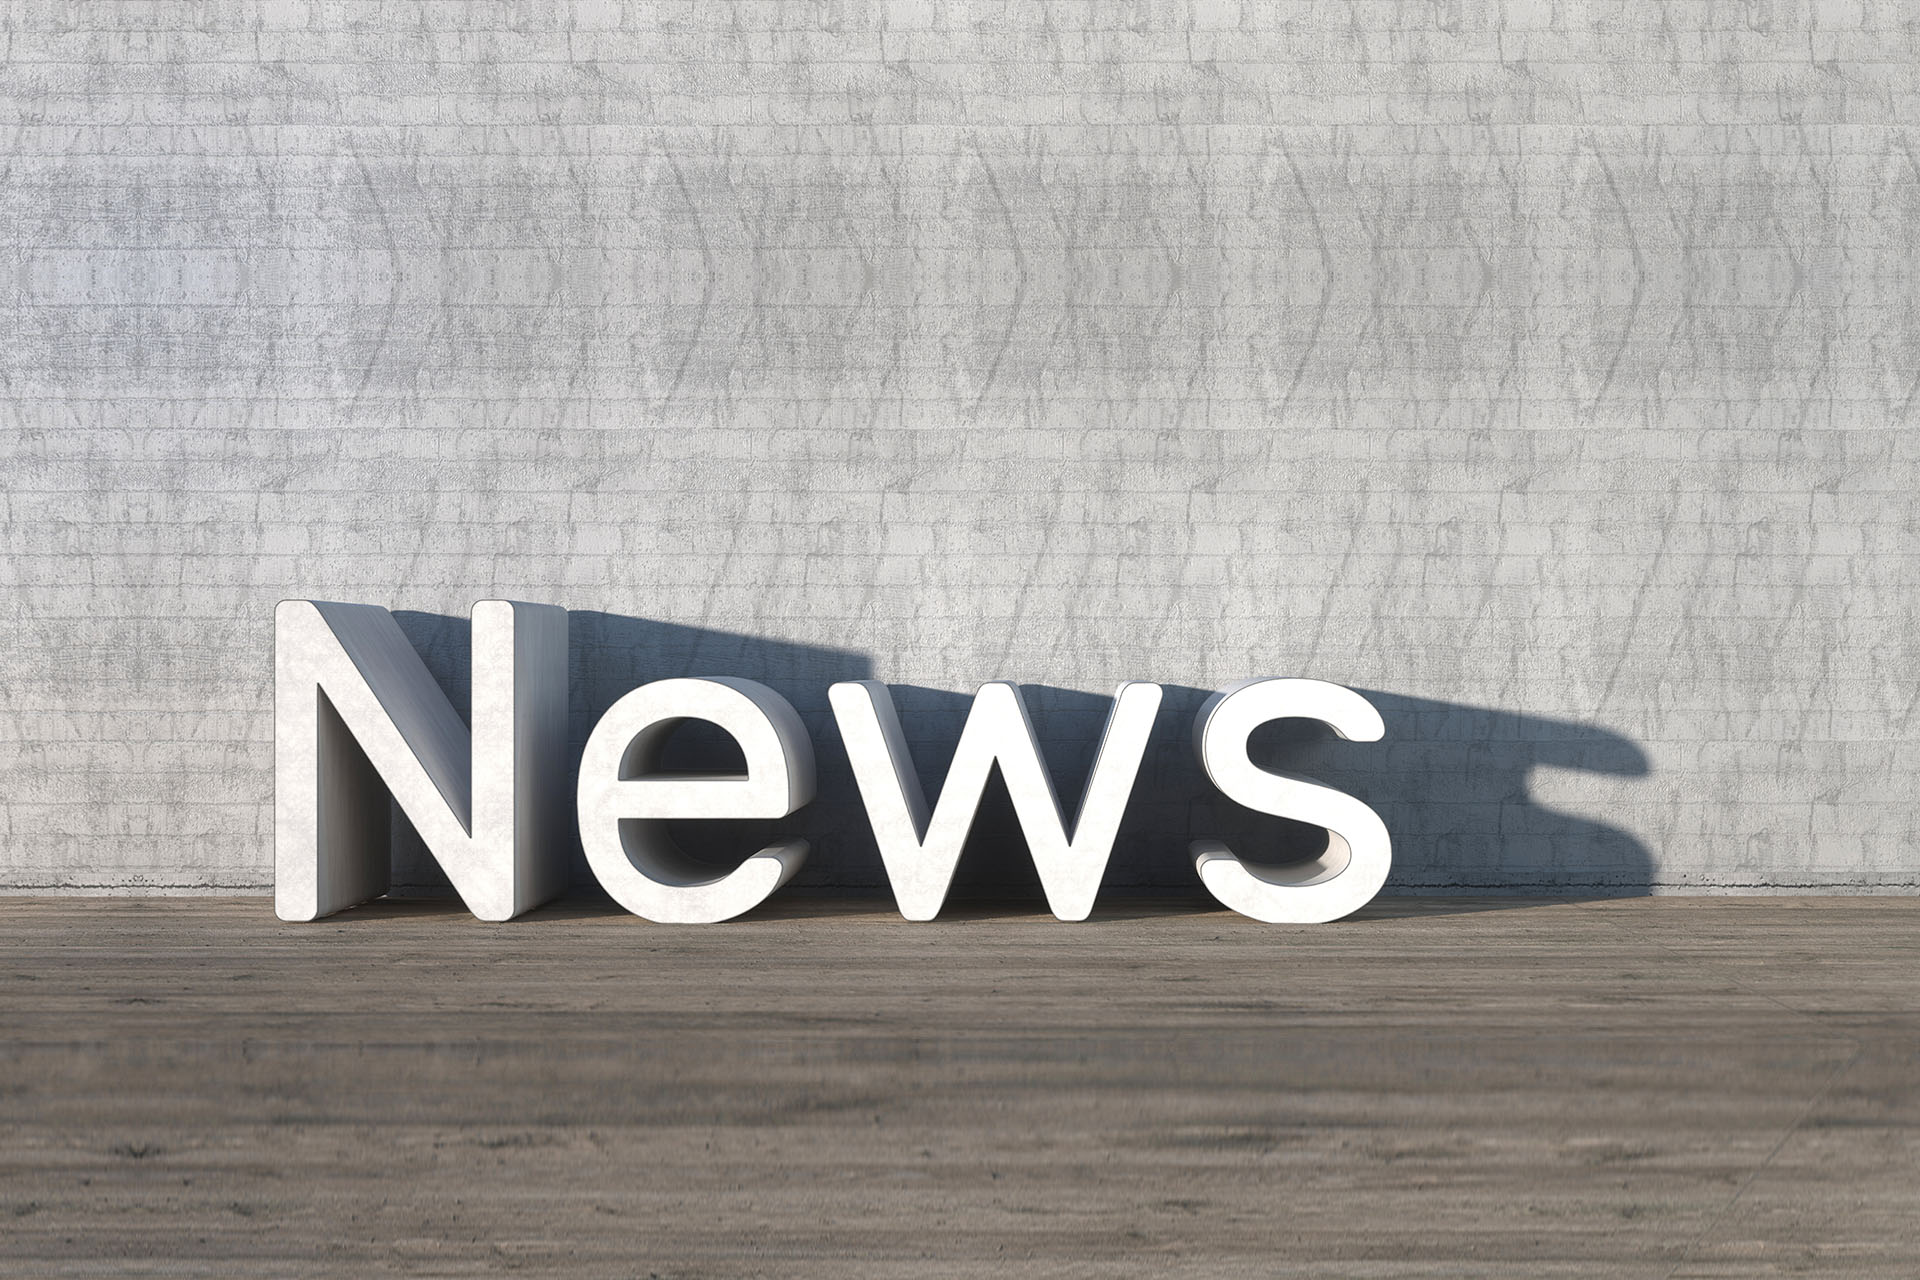 News von artivo planung + bauleitung gmbh, Köflach, Voitsberg, Lipizzanerheimat, Graz, Steiermark, © stock.adobe.com